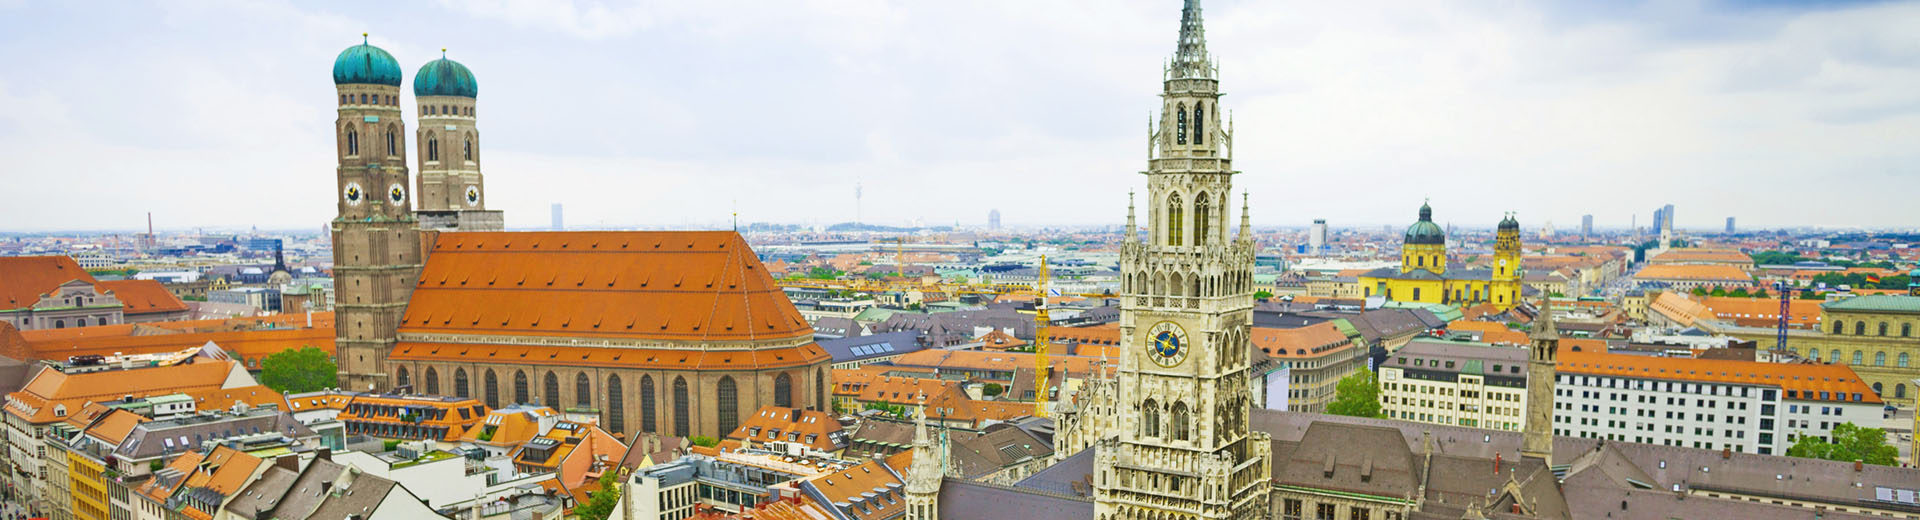 Gruppenreise München - Package Gruppen Budget Bahn